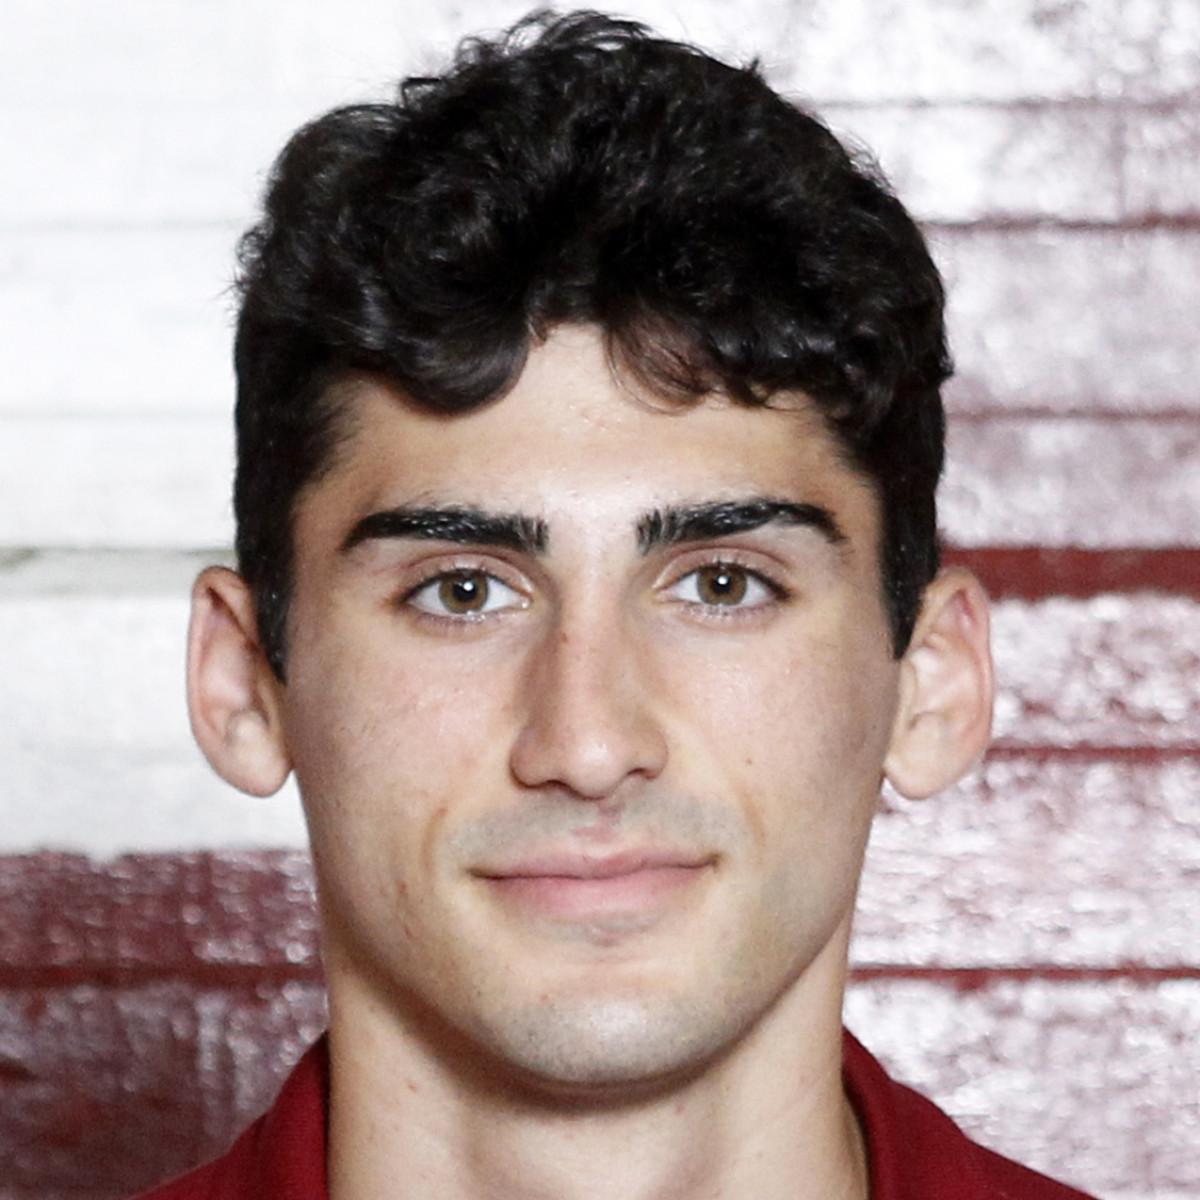 Alessandro Ceparano